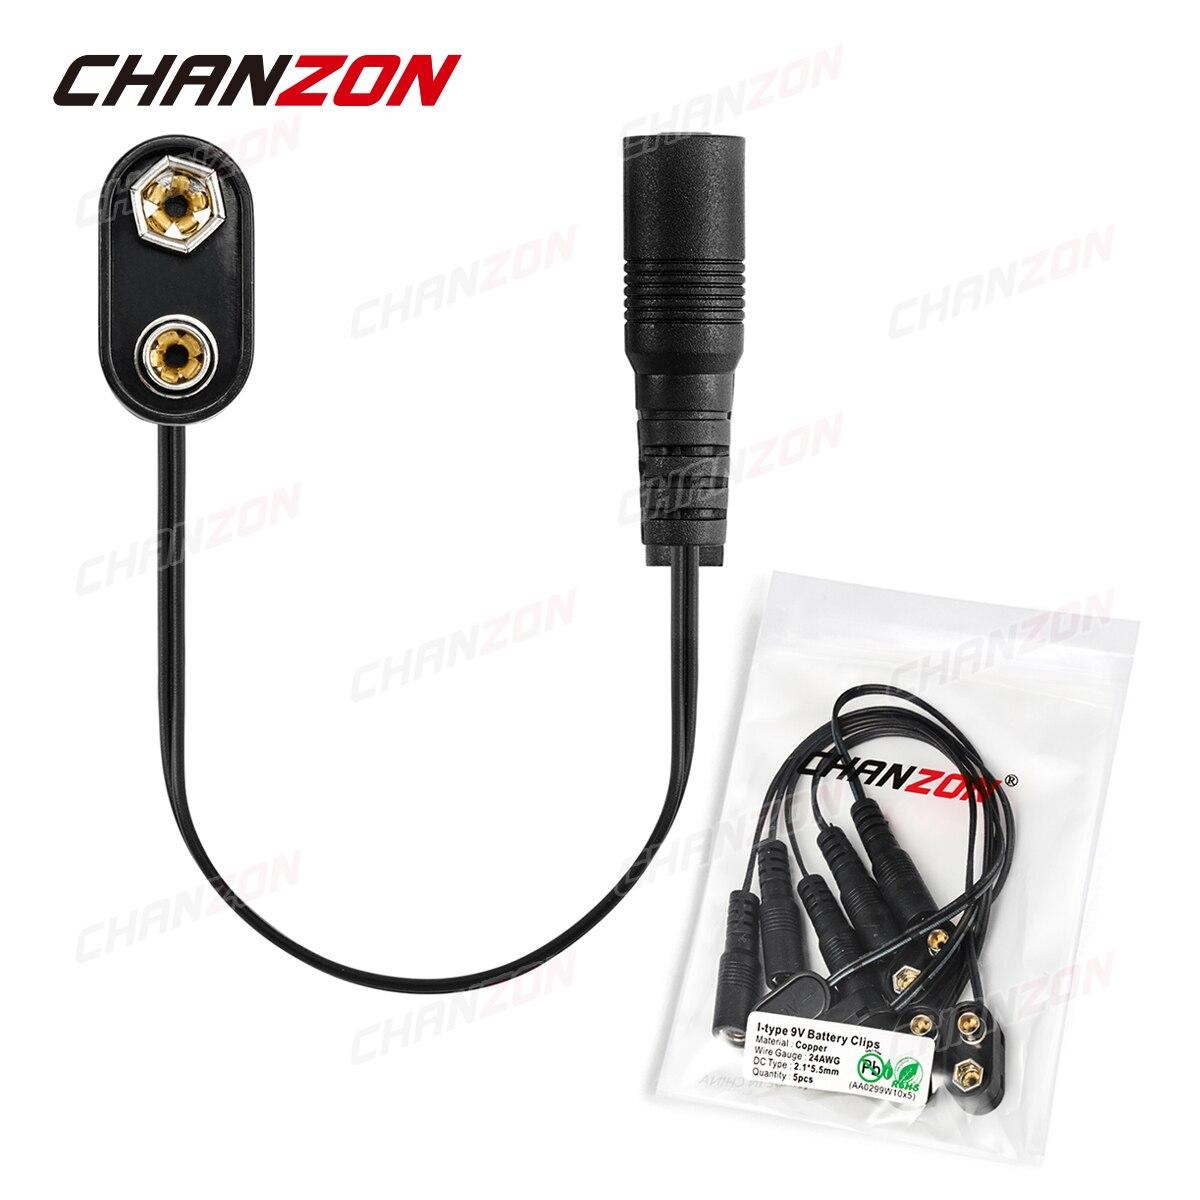 5 uds 9 V alimentación de la batería DC conector hembra Clip Adaptador 9 V soporte para cables Cable 9 voltios enchufe de plomo barril para guitarra